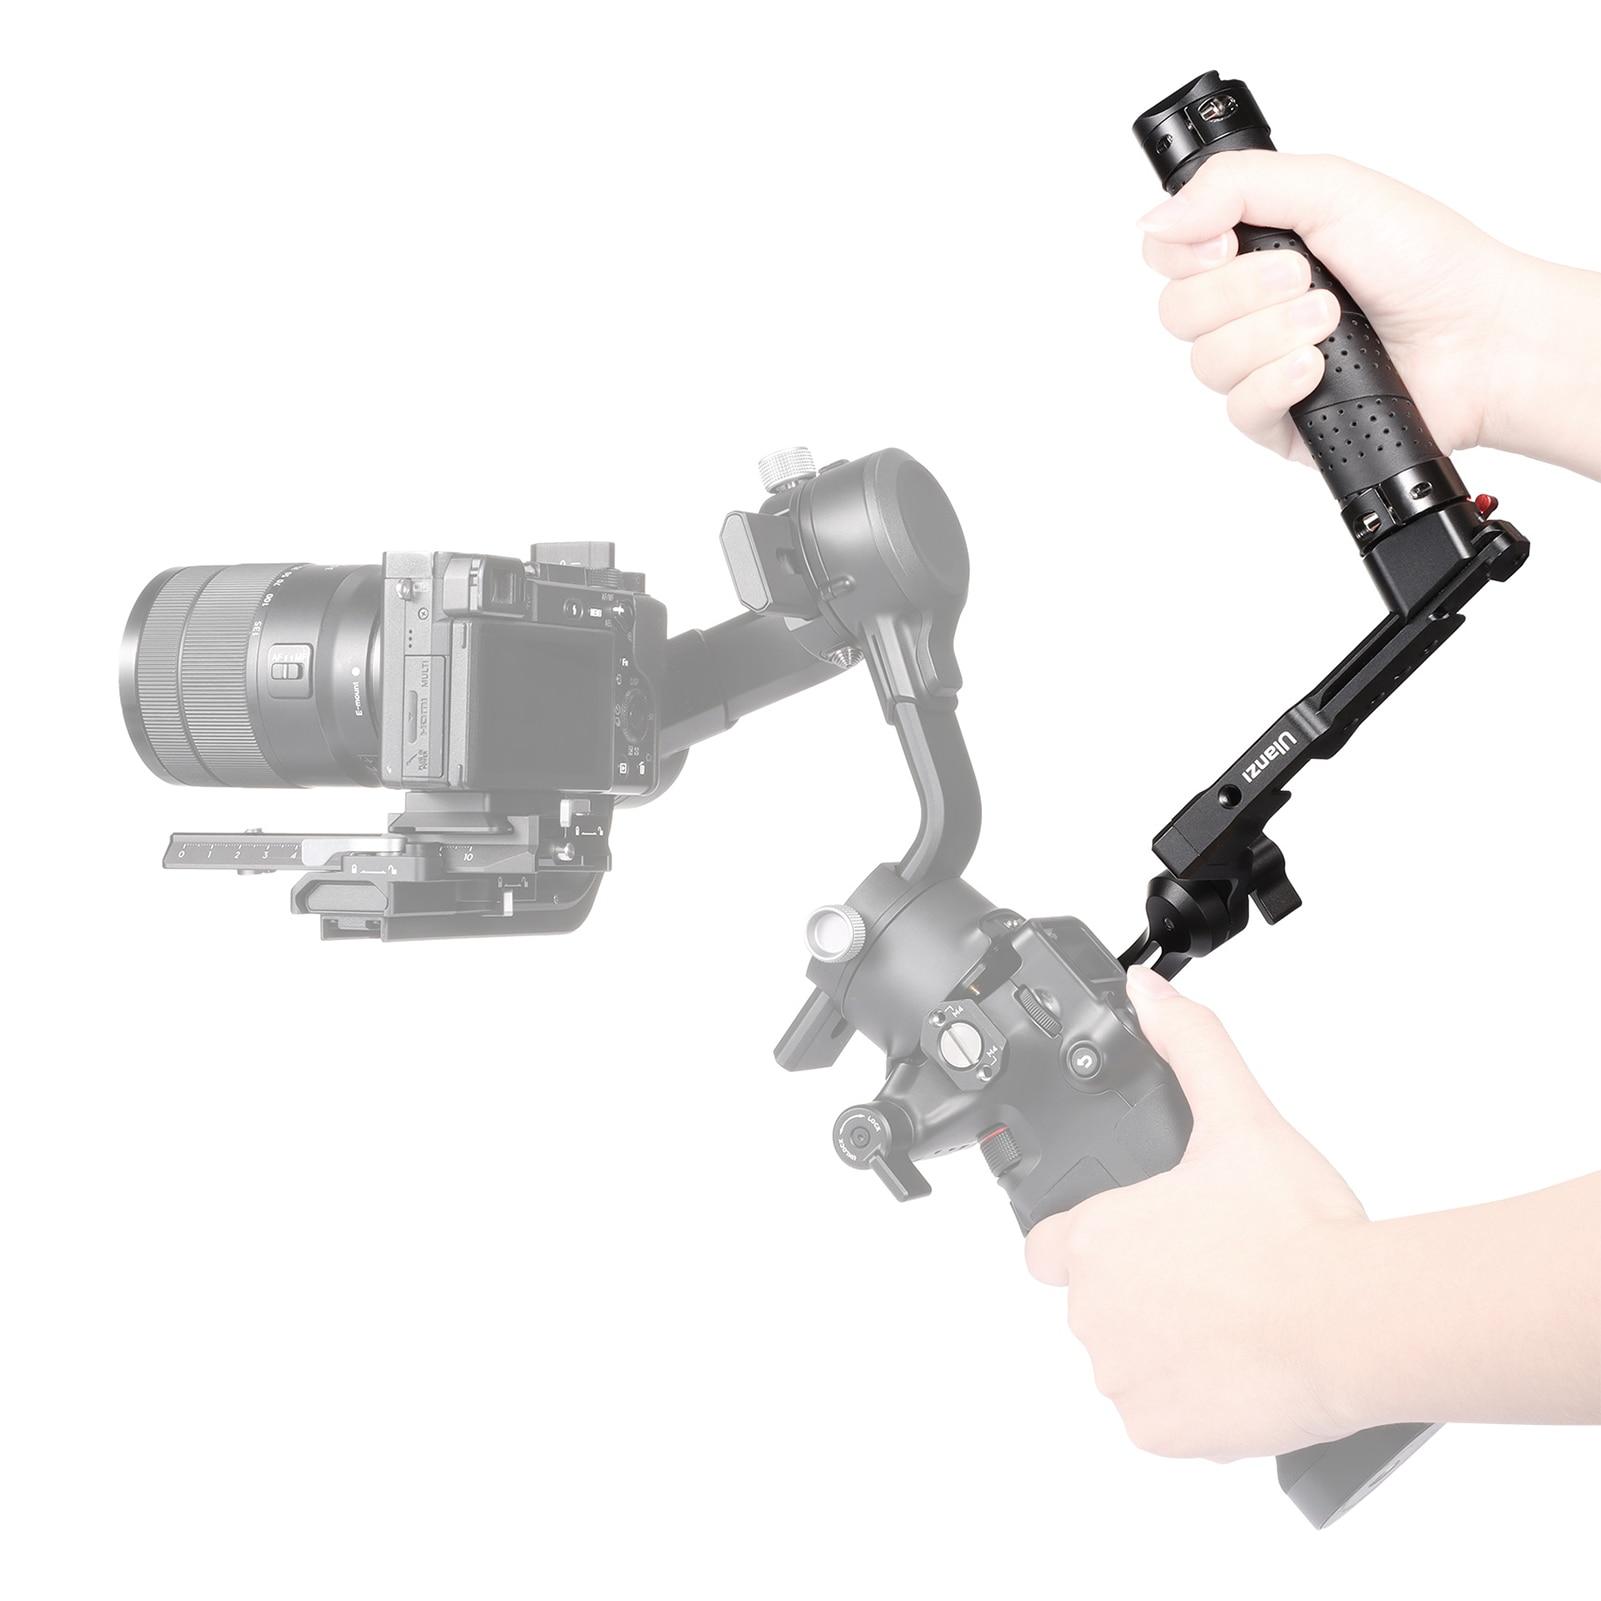 مثبت Gimbal مع مقبض قابل للطي ، دعم تمديد DJI Ronin RSC2 ، ملحقات التصوير الفوتوغرافي ، استوديو الصور